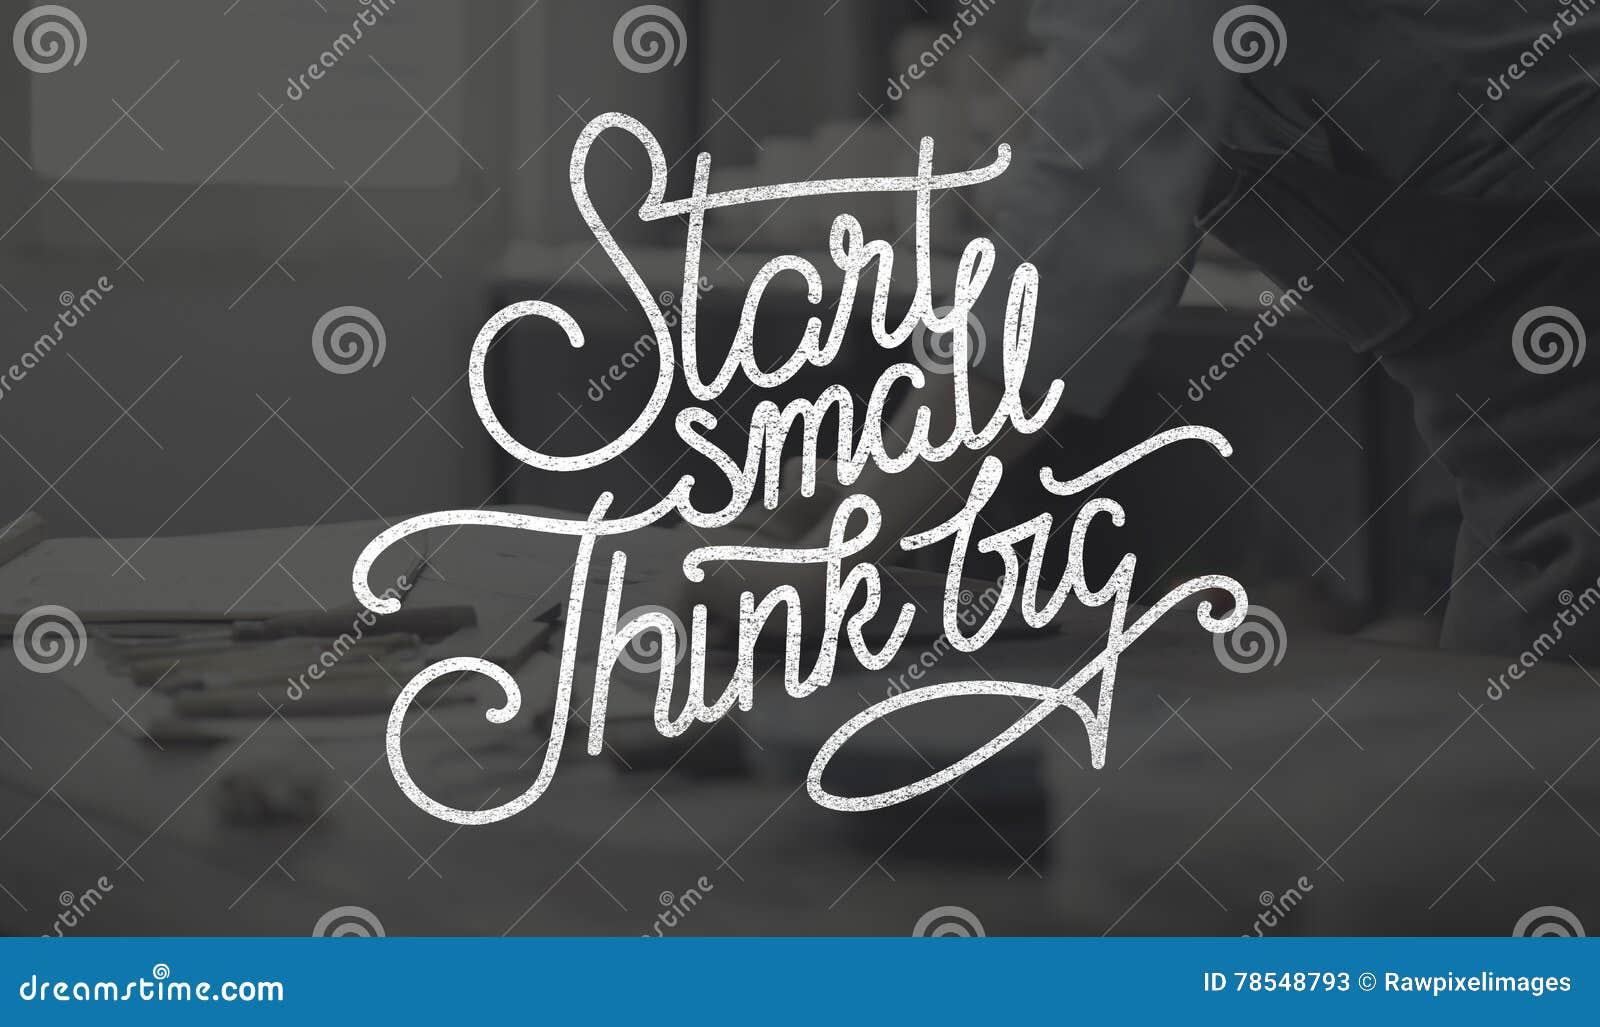 Старт малый думает большая концепция устремленностей творческих способностей идей